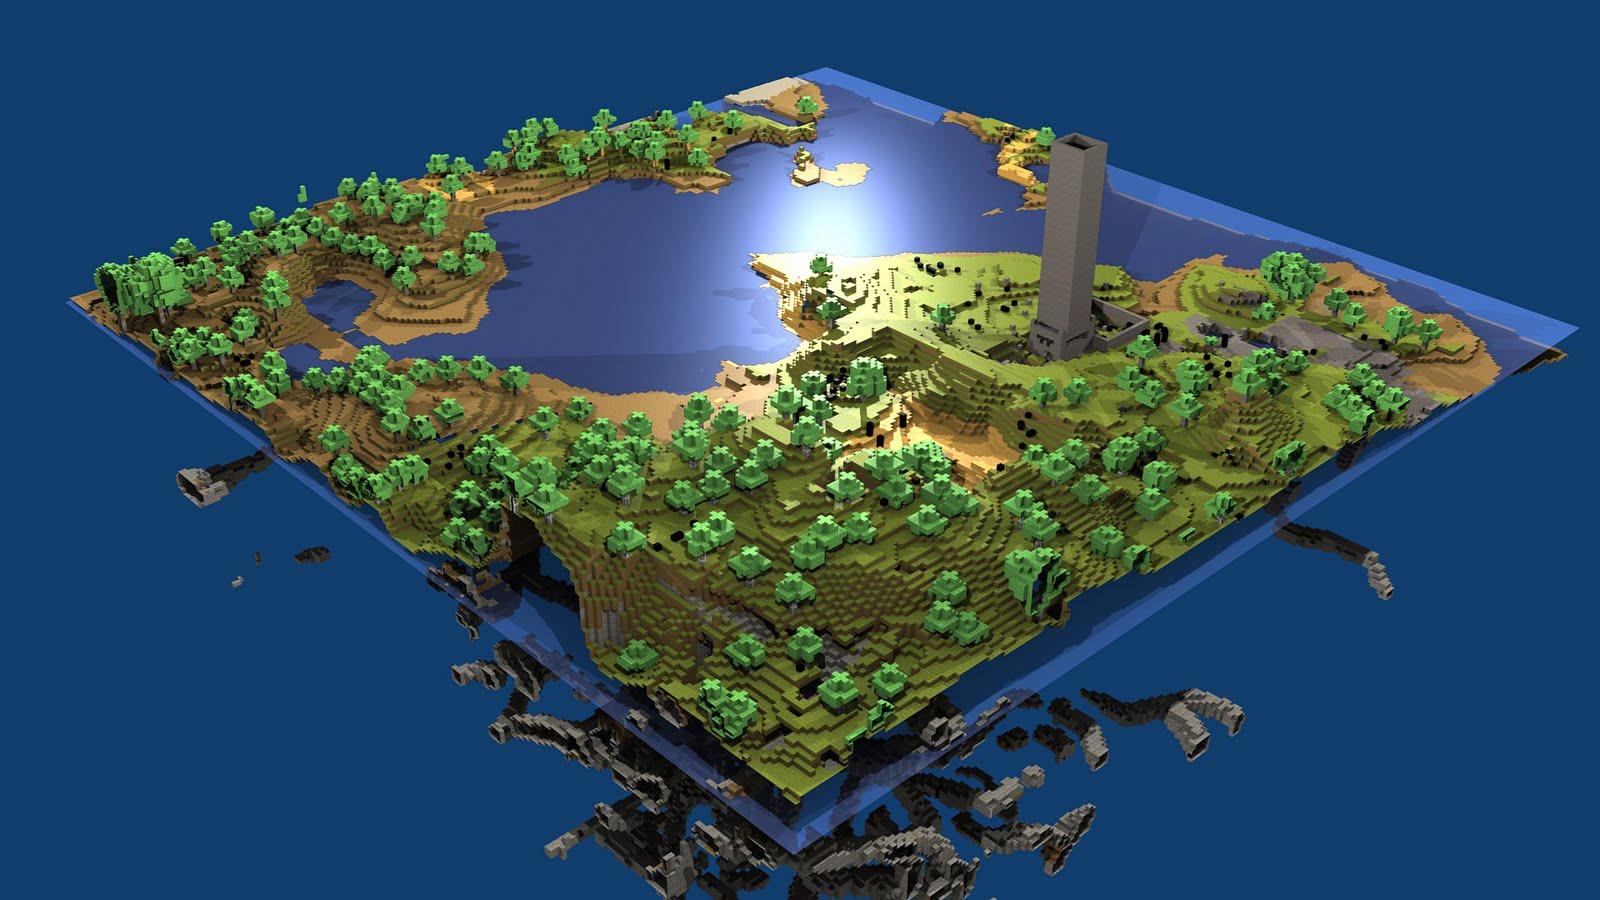 http://4.bp.blogspot.com/-jVc3nPNAyq8/TbkbpL4OQdI/AAAAAAAAATI/hBk9vgkC4DQ/s1600/Minecraft-Wallpaper-62.jpg